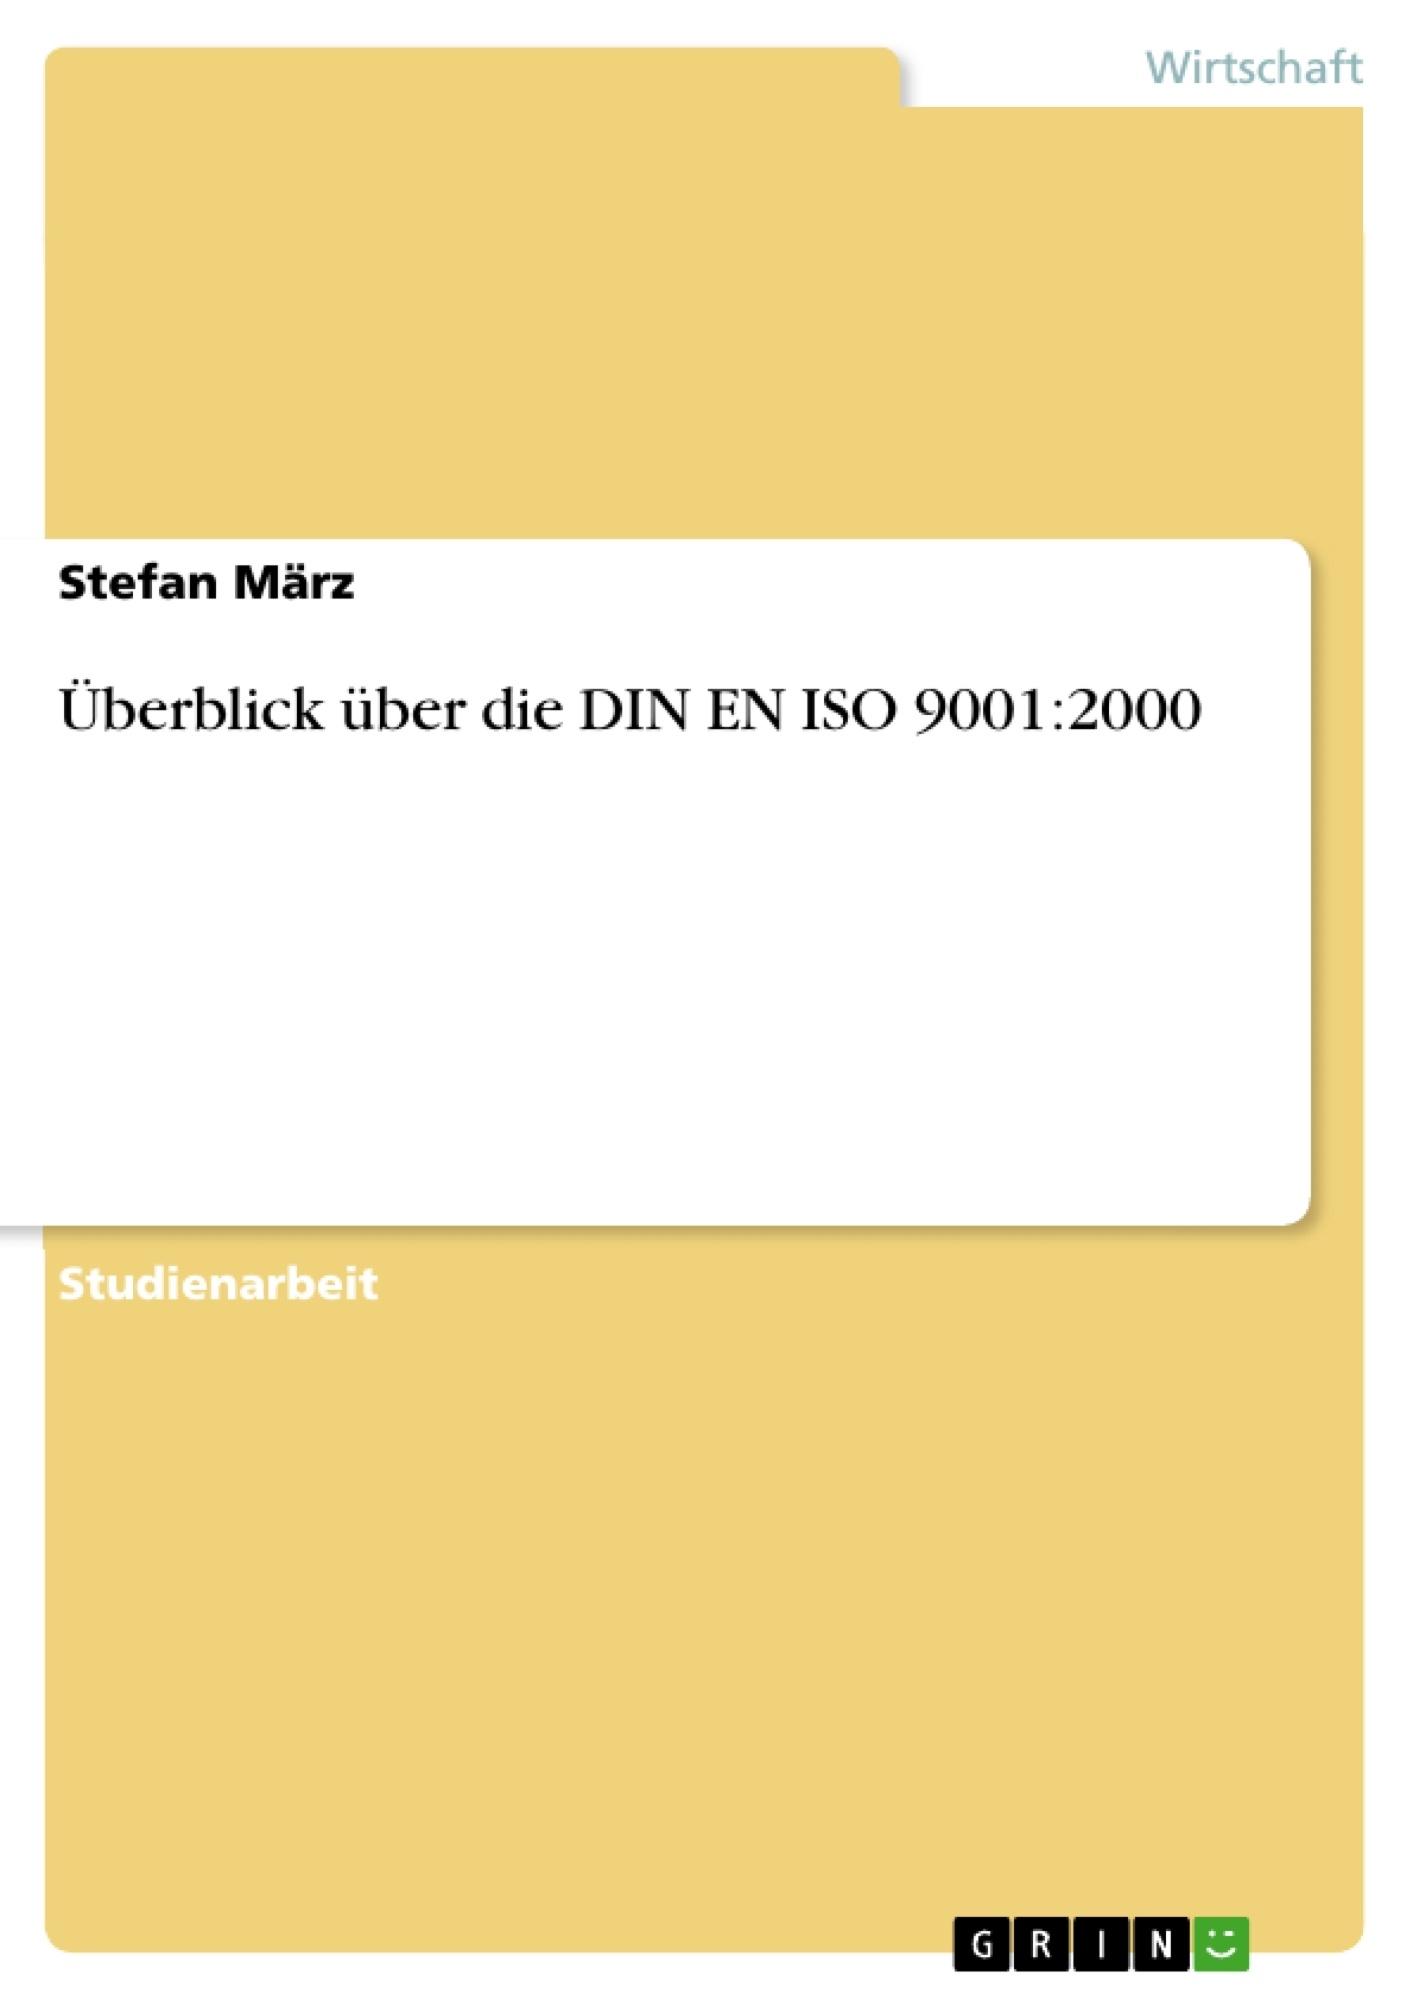 Titel: Überblick über die DIN EN ISO 9001:2000